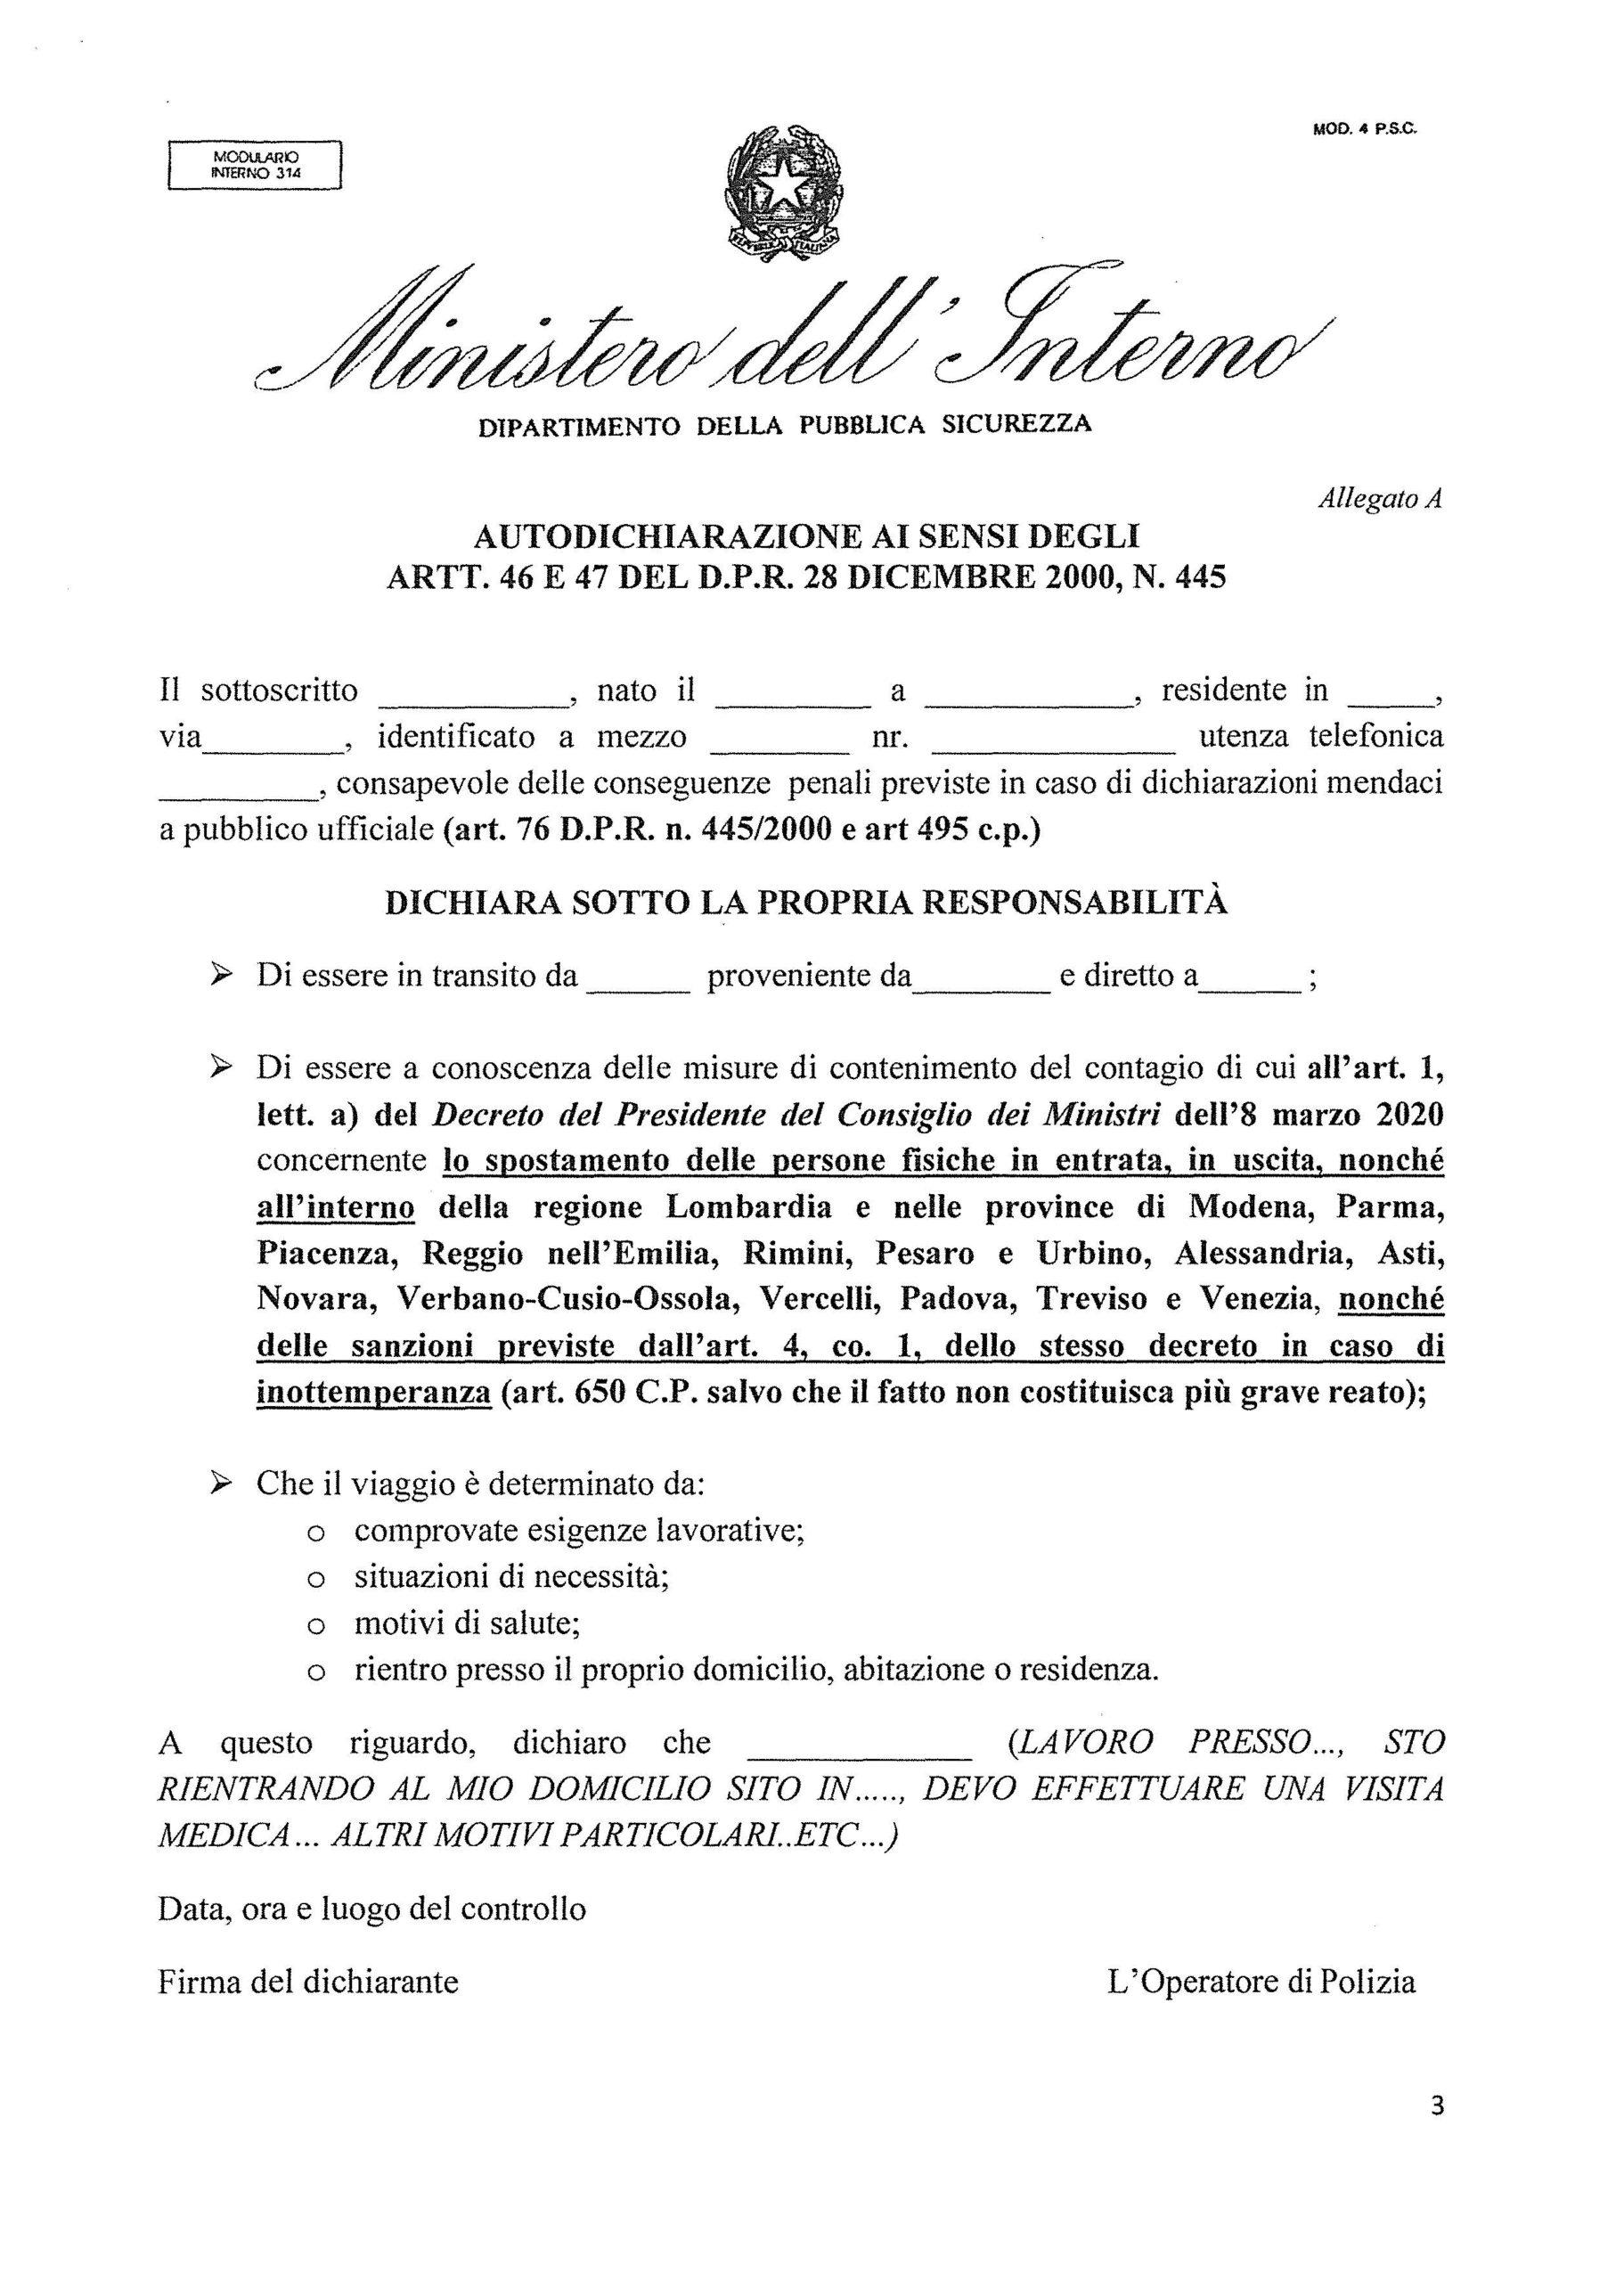 MODULO DI AUTOCERTIFICAZIONE_09124216 (1)